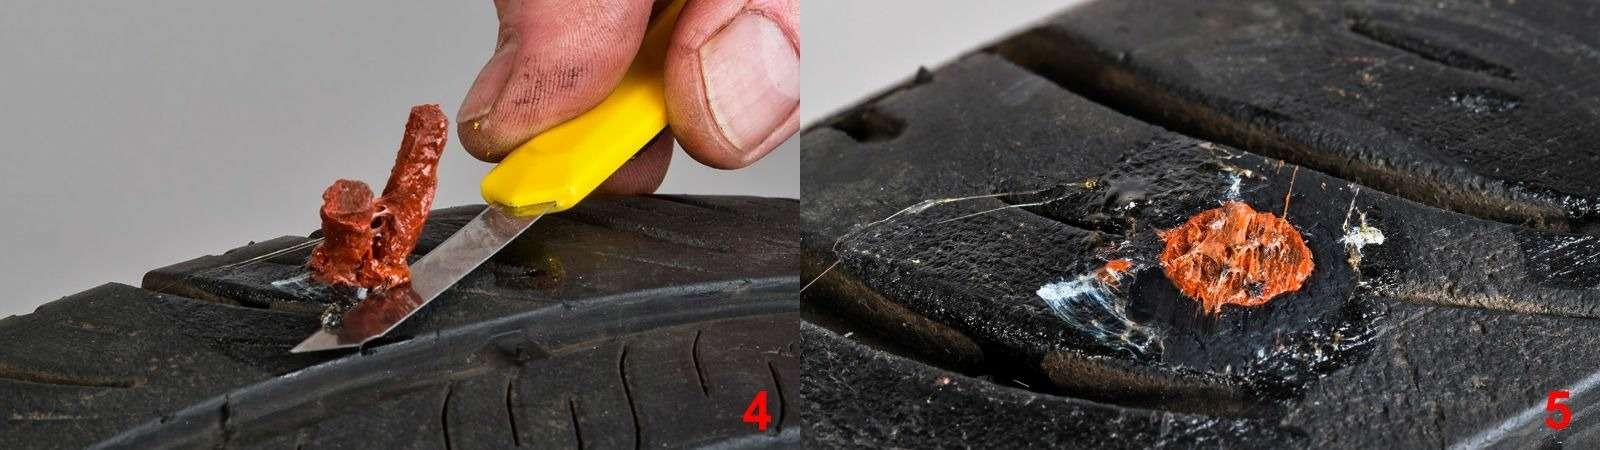 Ремонтируем проколотую шину—  тест 16ремкомплектов исоветы ЗР— фото 771865